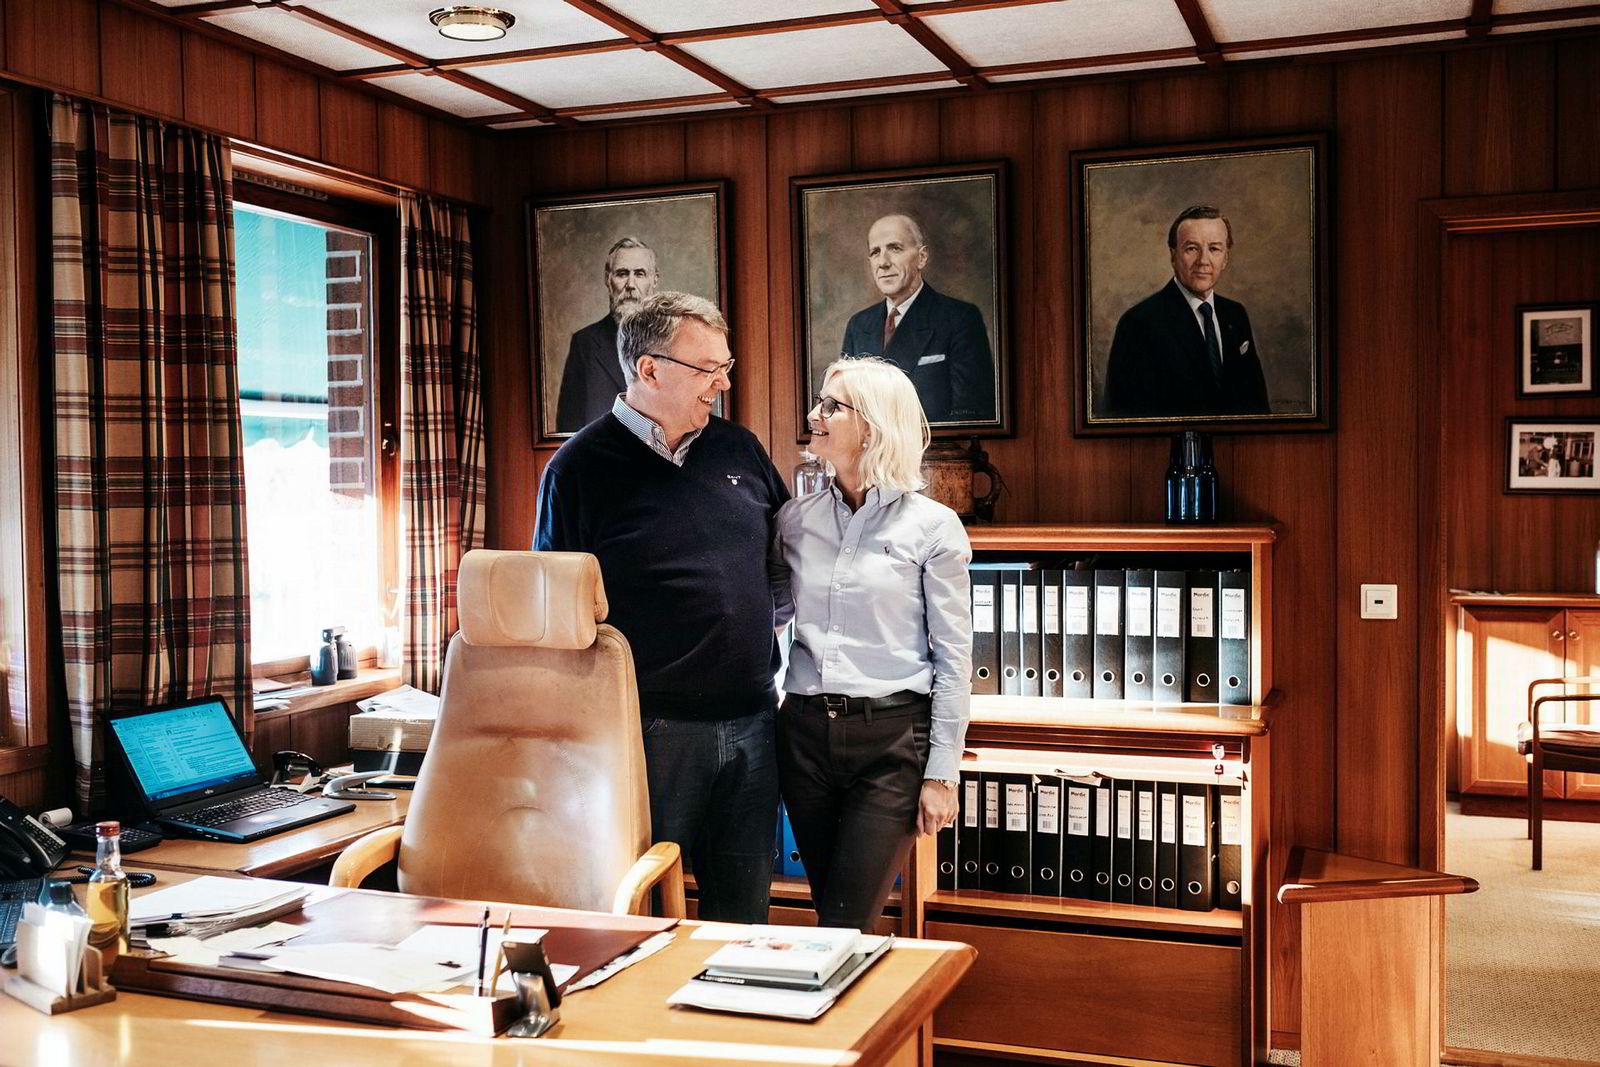 Det oser tradisjoner hos Berentsens Brygghus i Egersund. Ekteparet Lovise Berentsen og Harald Berentsen deler kontor.